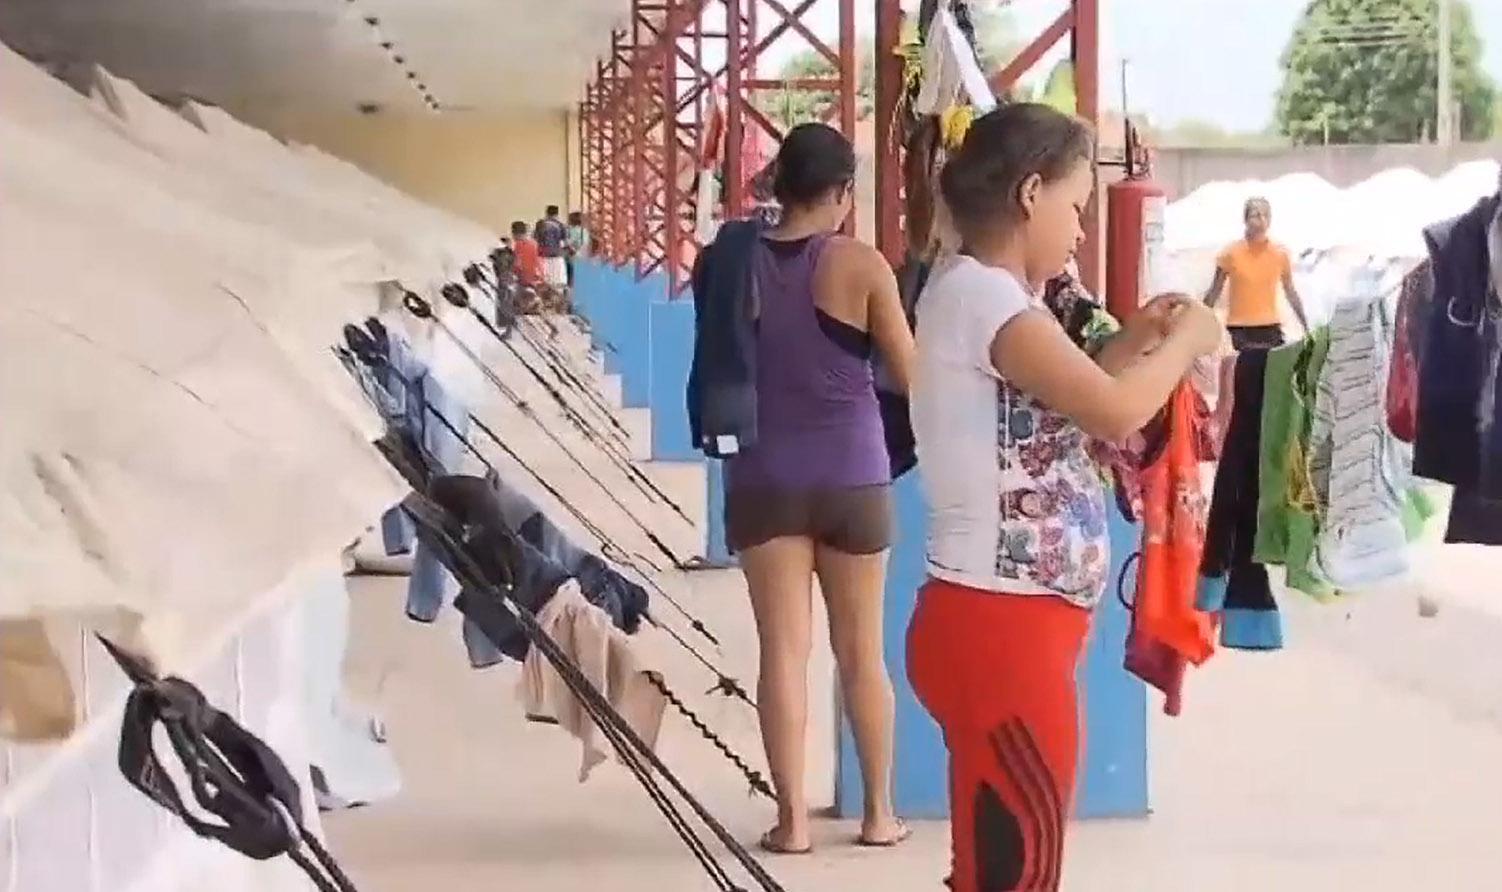 Relações  Exteriores - emigração - venezuelanos imigrantes refugiados Roraima Boa Vista abrigos ajuda humanitária